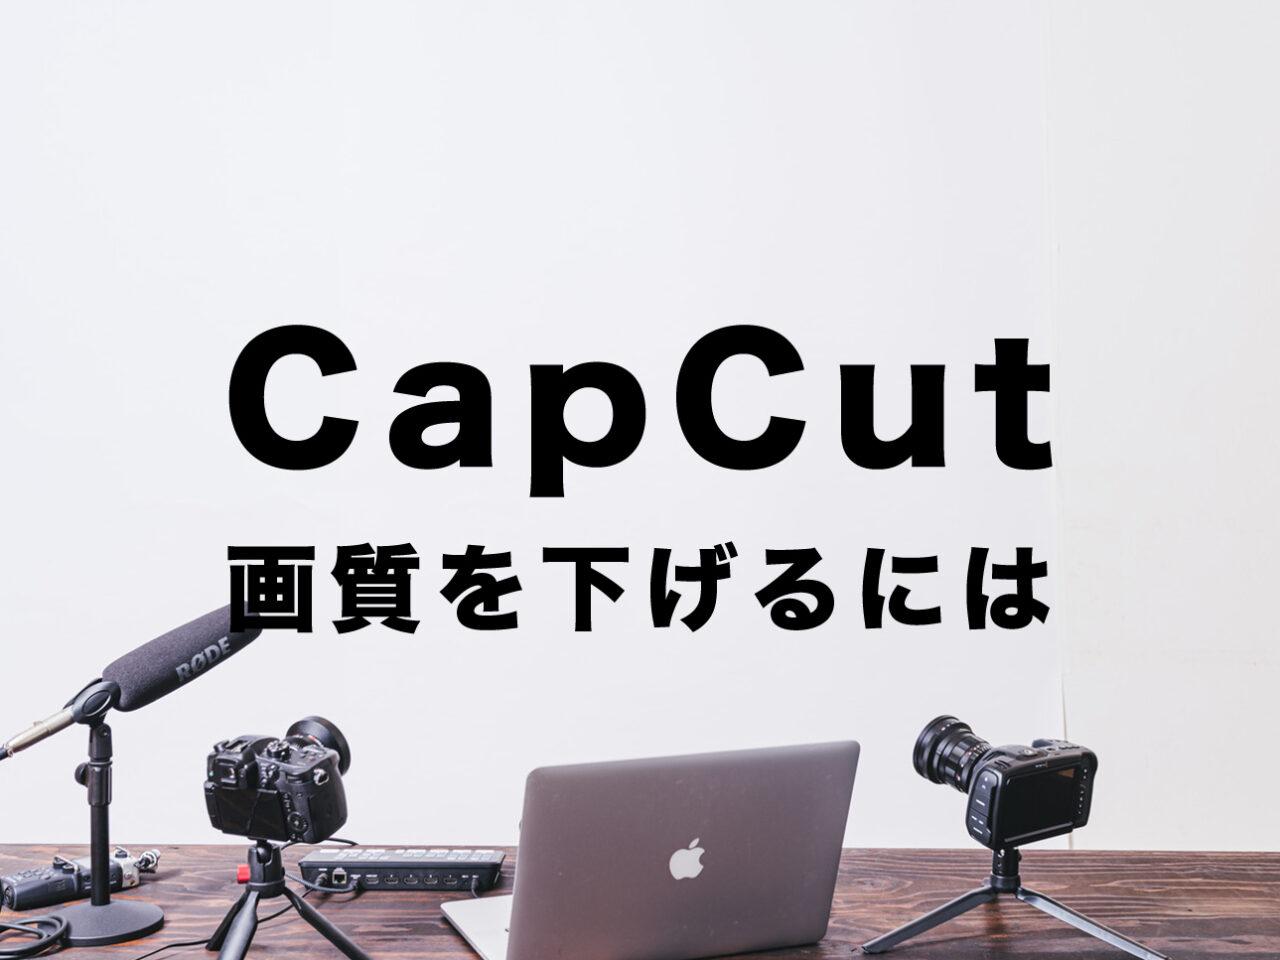 CapCut(キャップカット)で画質を悪くする方法&画質を下げるには?のサムネイル画像